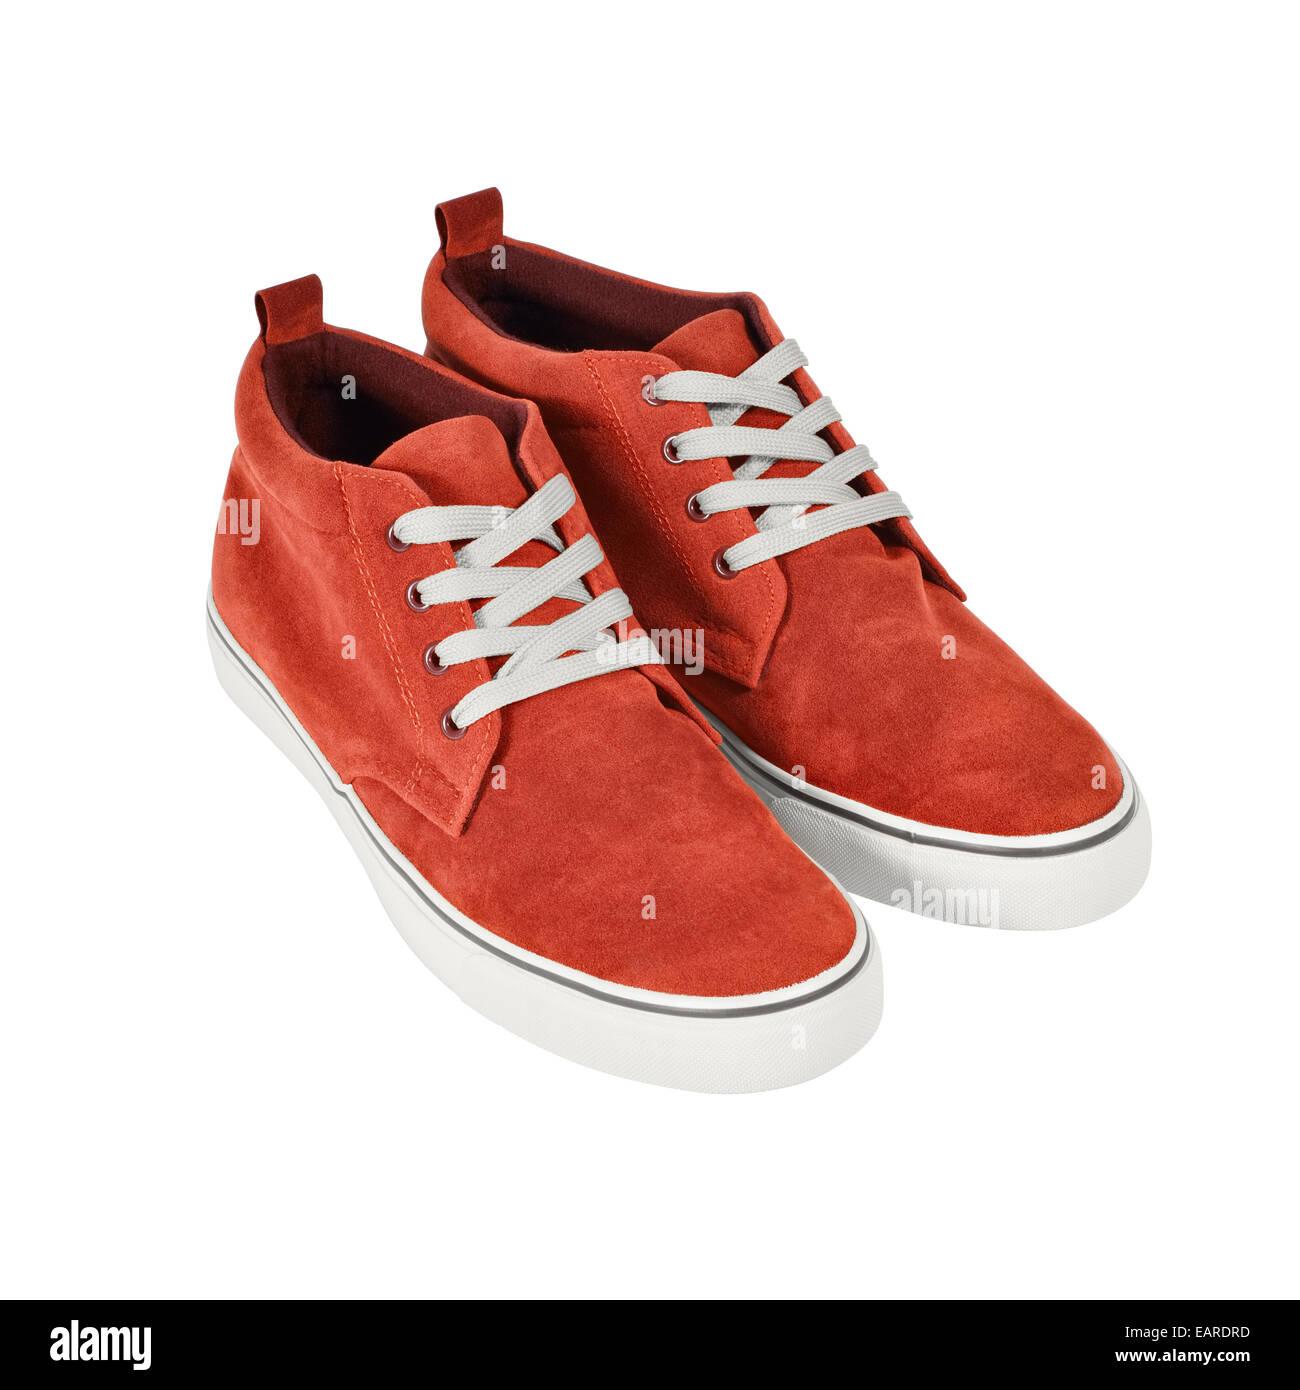 promo code 69242 34aae Une paire de chaussures de style décontracté isolé sur fond blanc. Chemin  de détourage inclus.